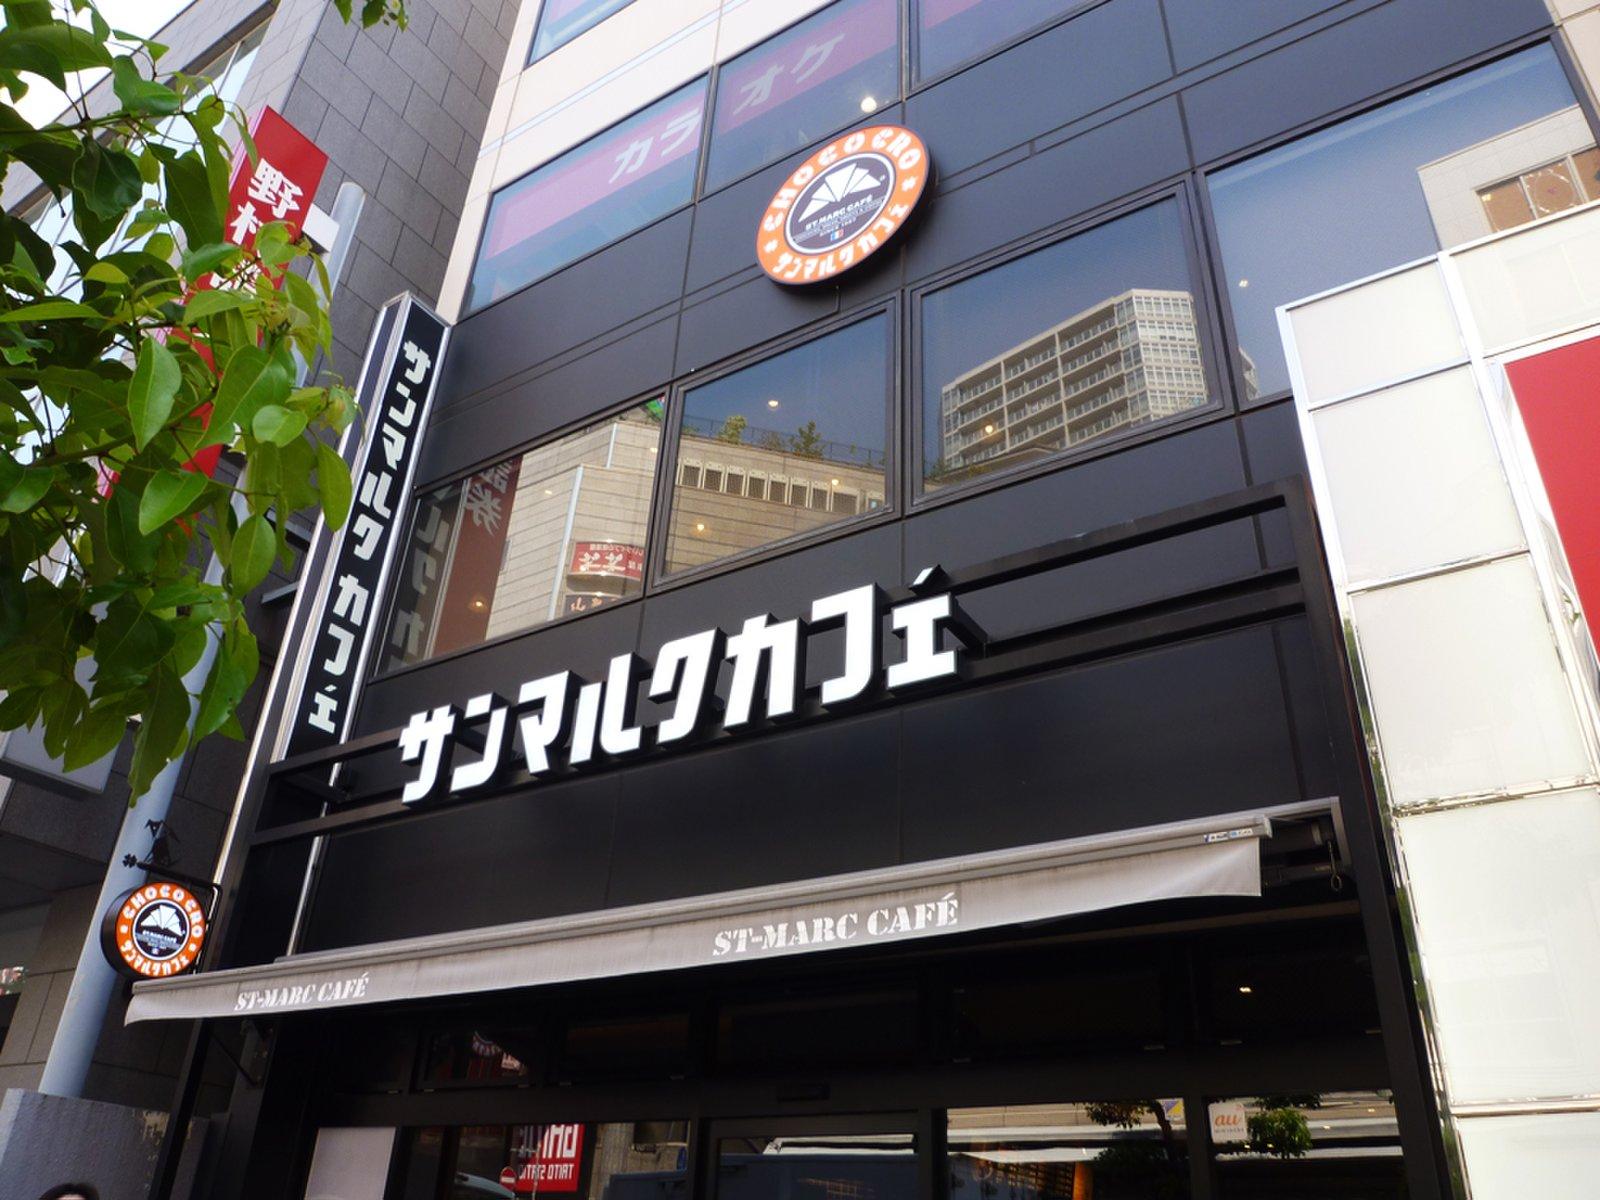 サンマルクカフェ 柏駅東口店